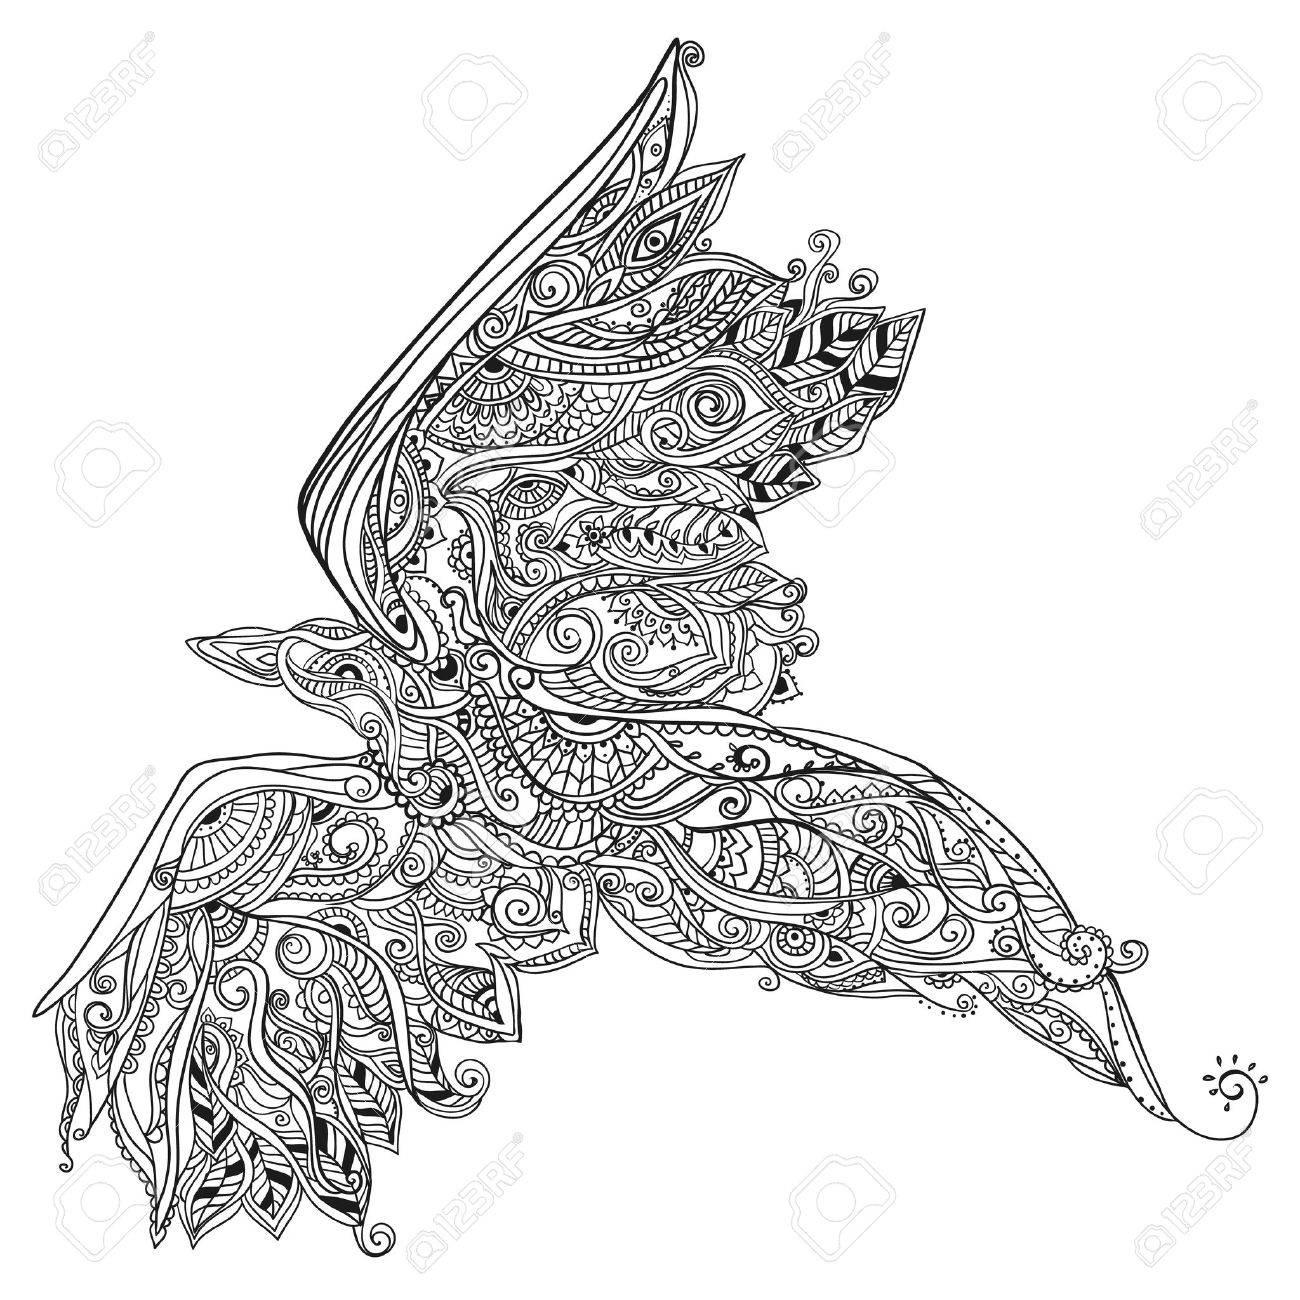 美しい鳥のカードベクターでの塗り絵完璧なカードまたは設計誕生